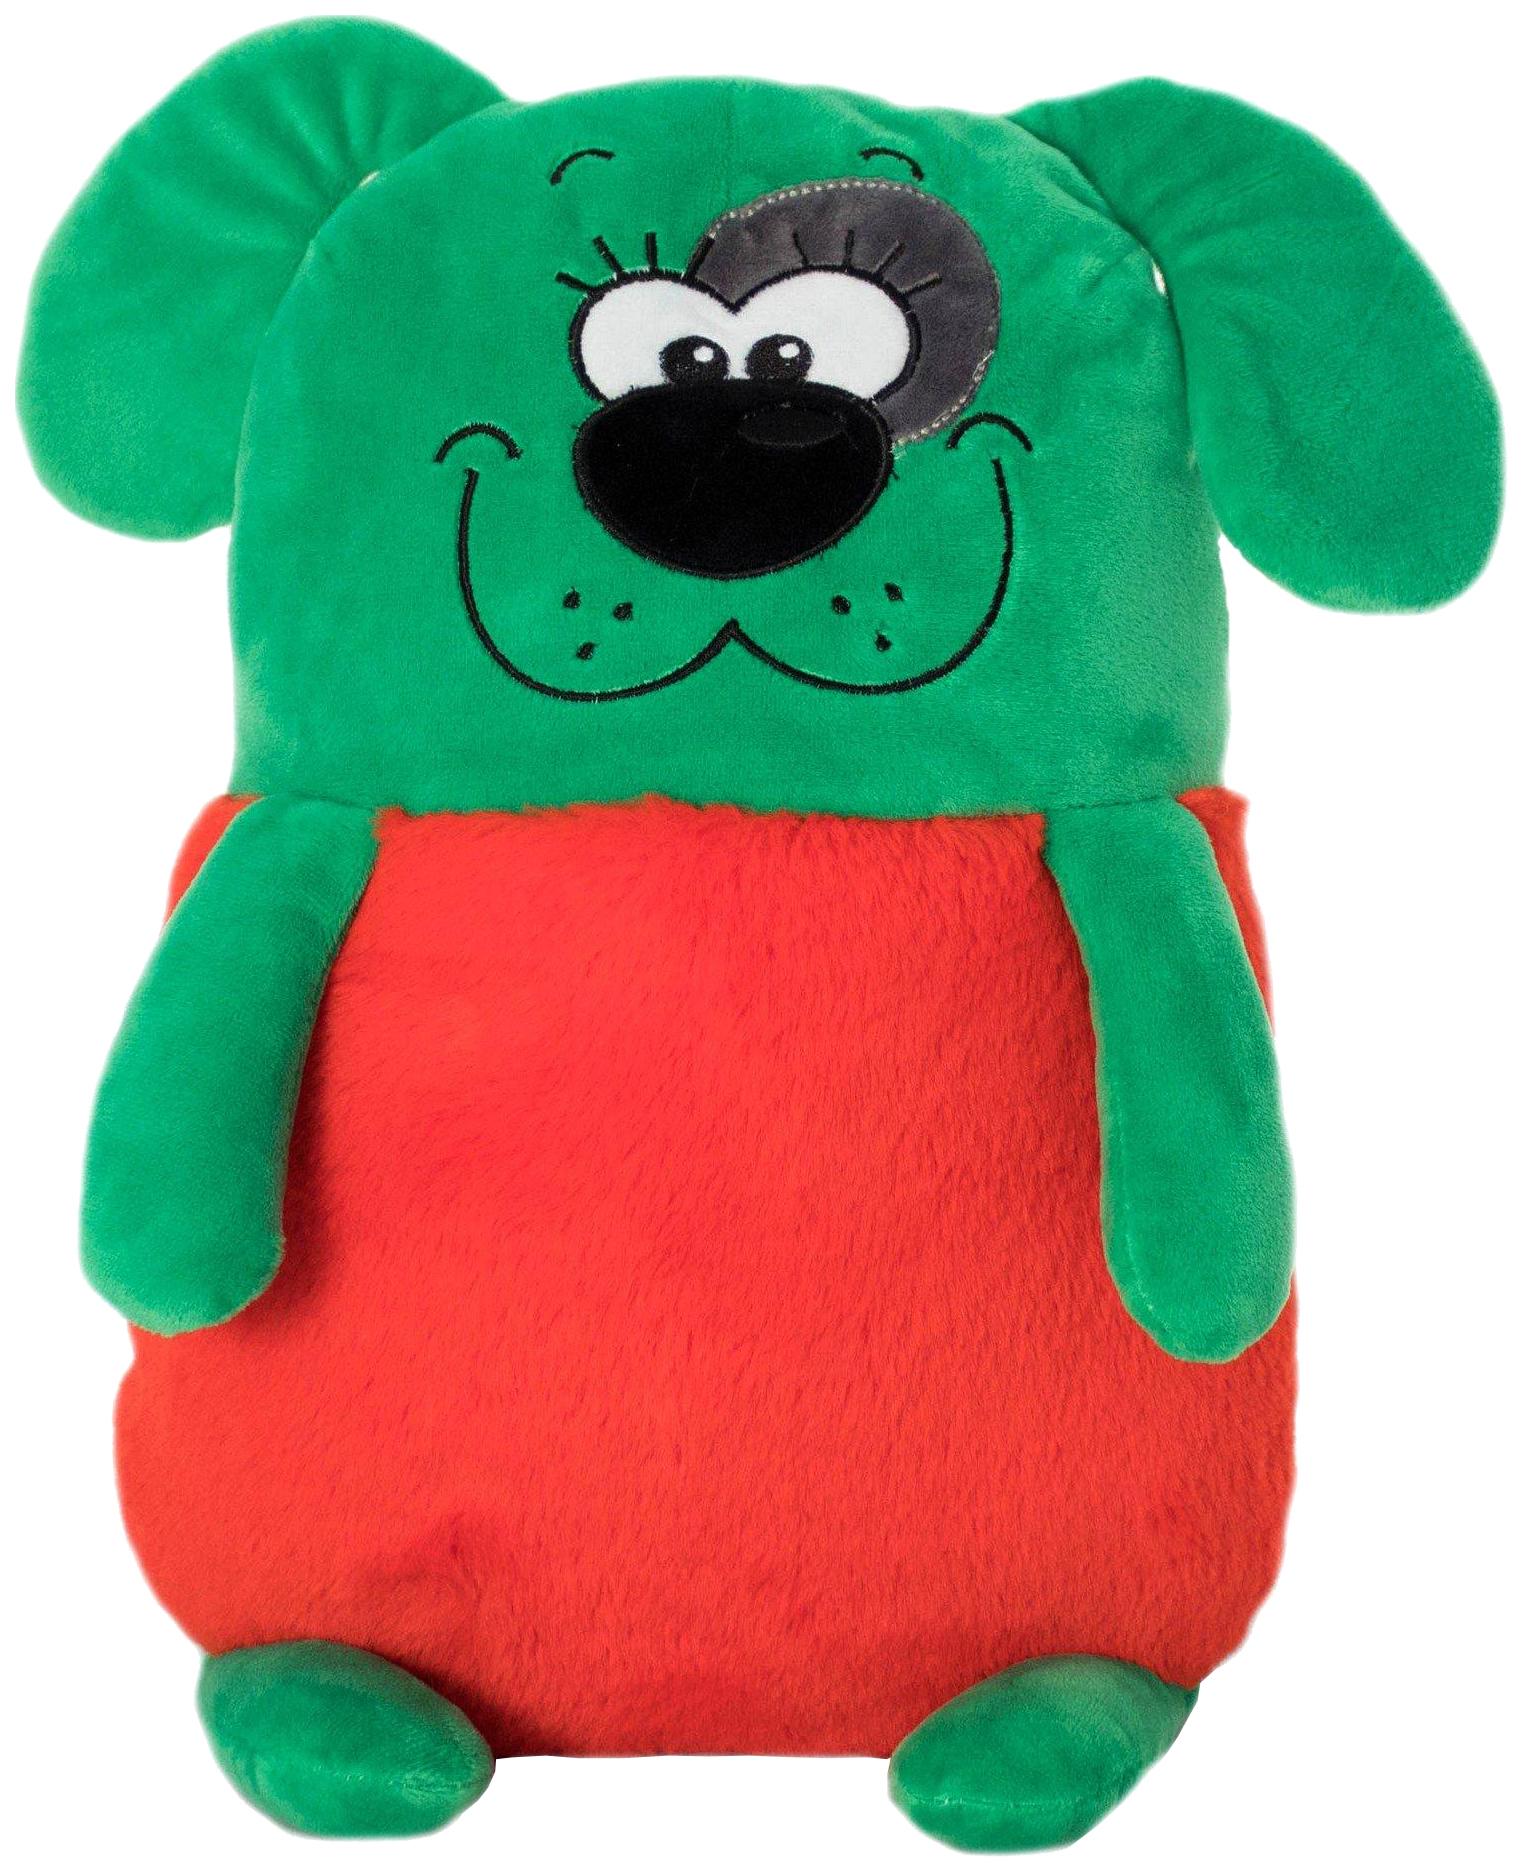 Купить Мягкая игрушка Мягкие зверята - Зеленая собака, 50 см KiddieArt, Kiddie Art, Мягкие игрушки животные